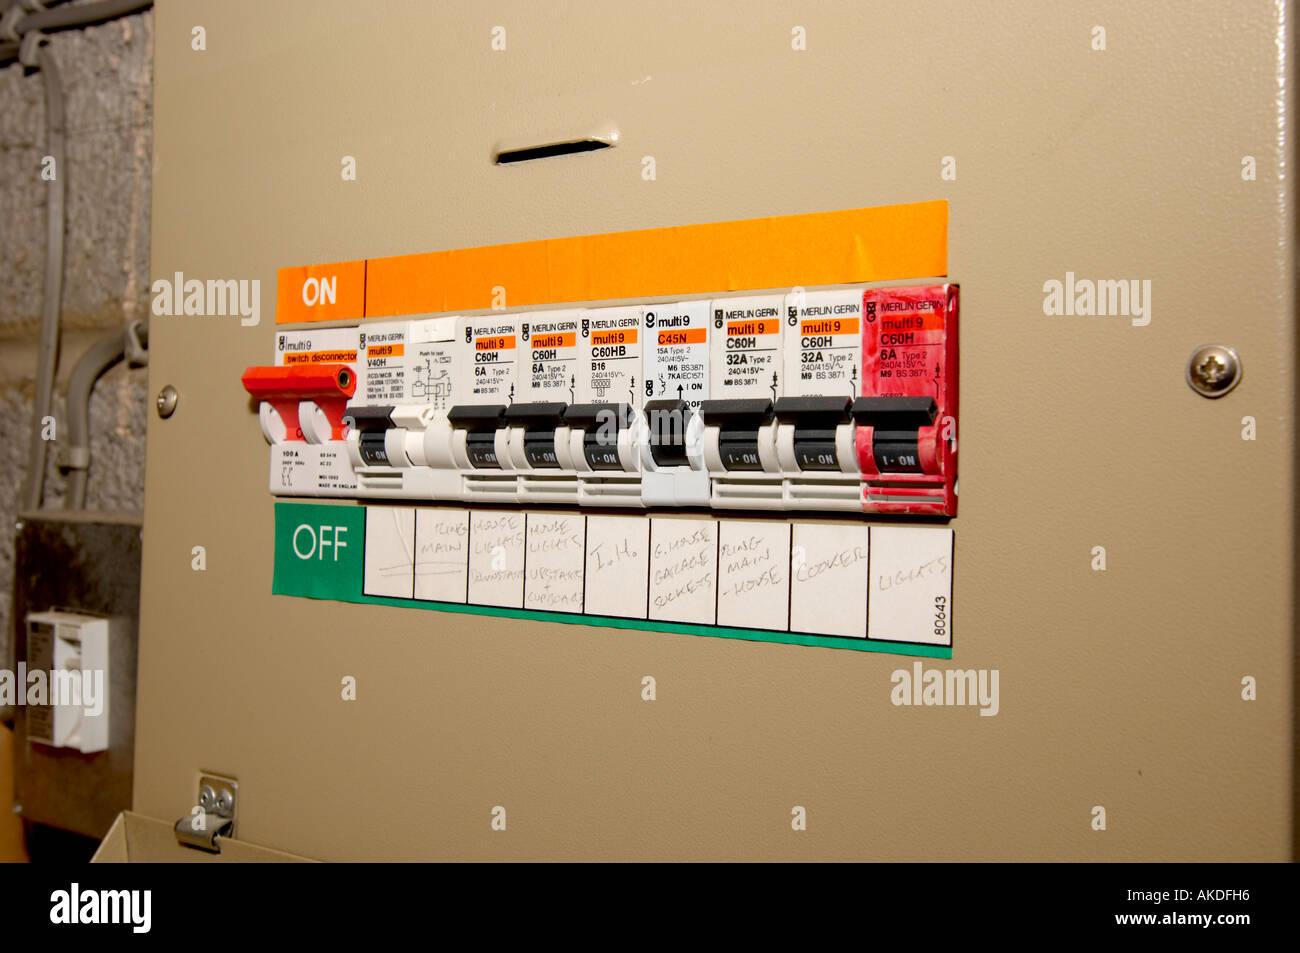 Circuit Breakers Circuit Breaker On Wiring Diagram Symbols Circuit